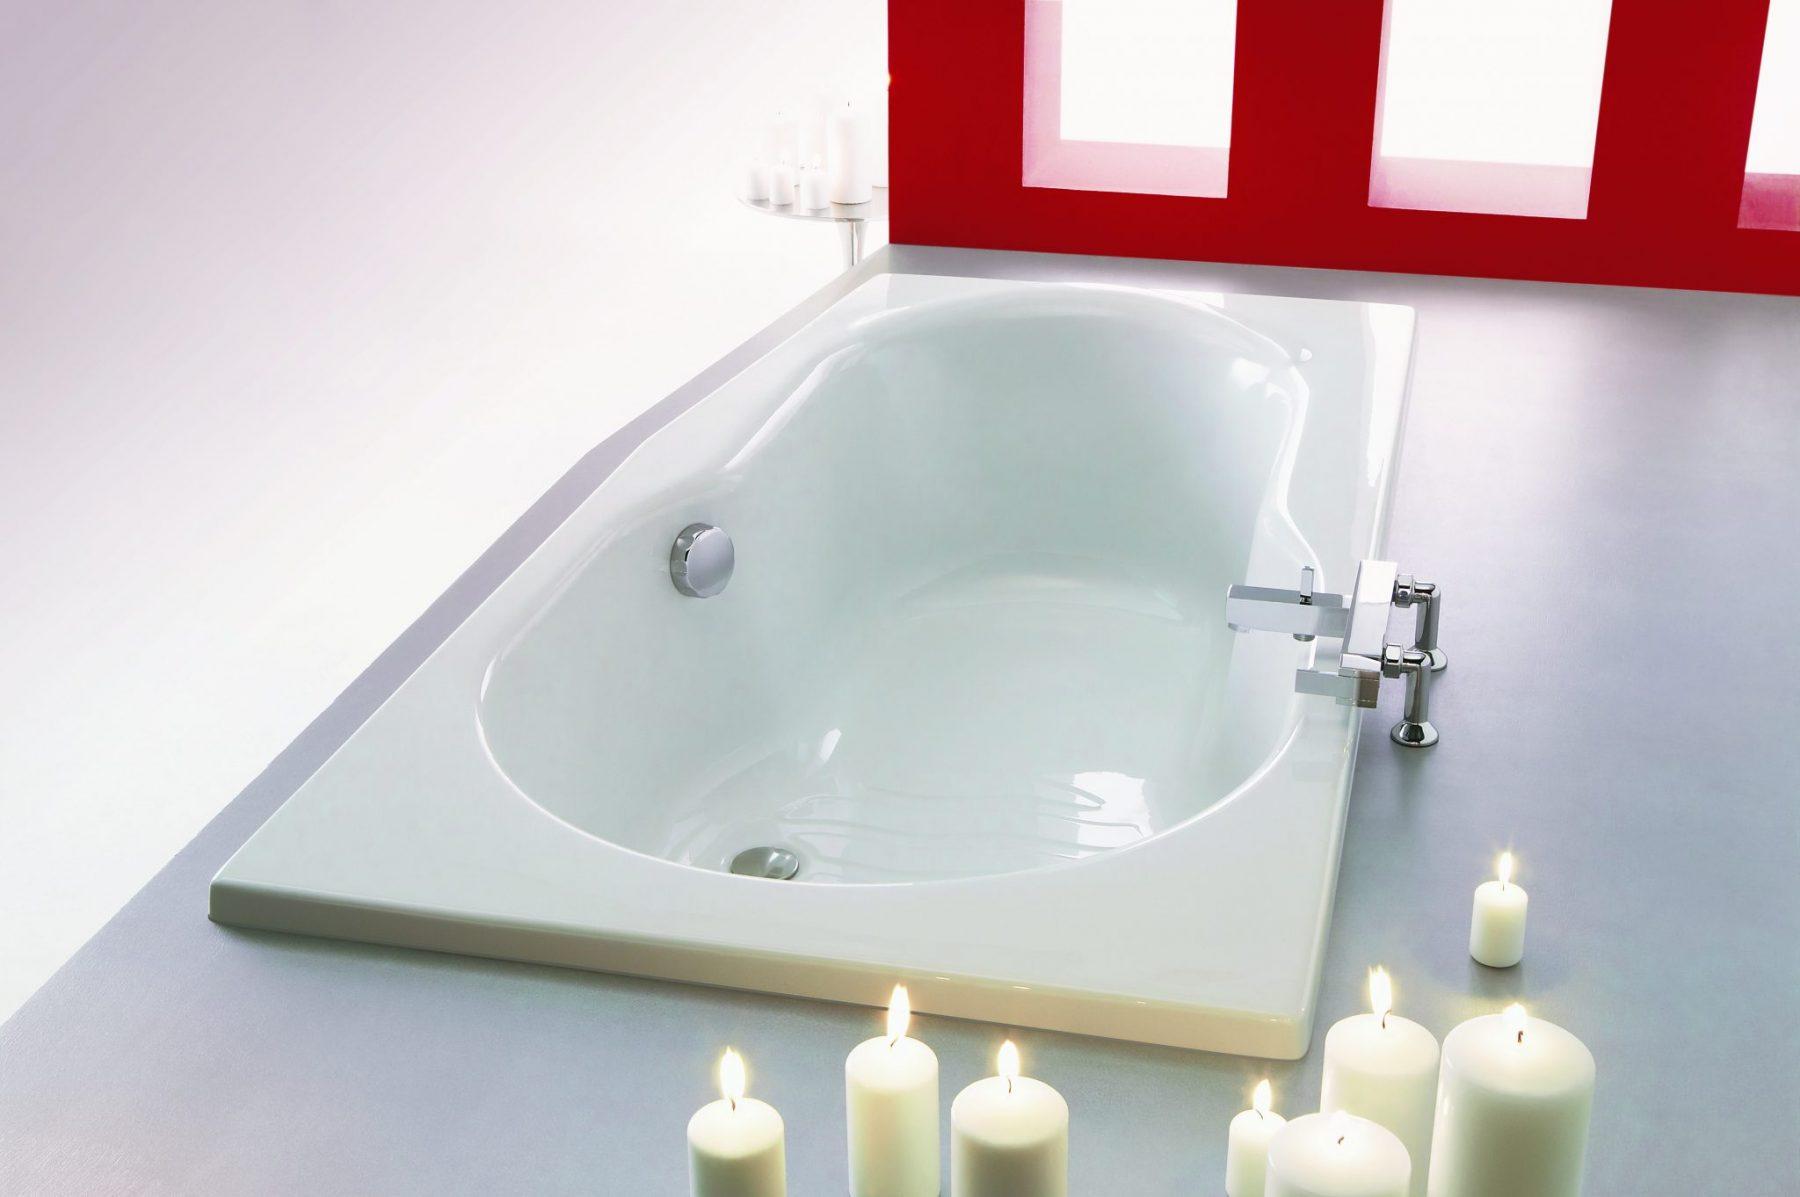 baignoire bain et douche passy allia salle de bains. Black Bedroom Furniture Sets. Home Design Ideas